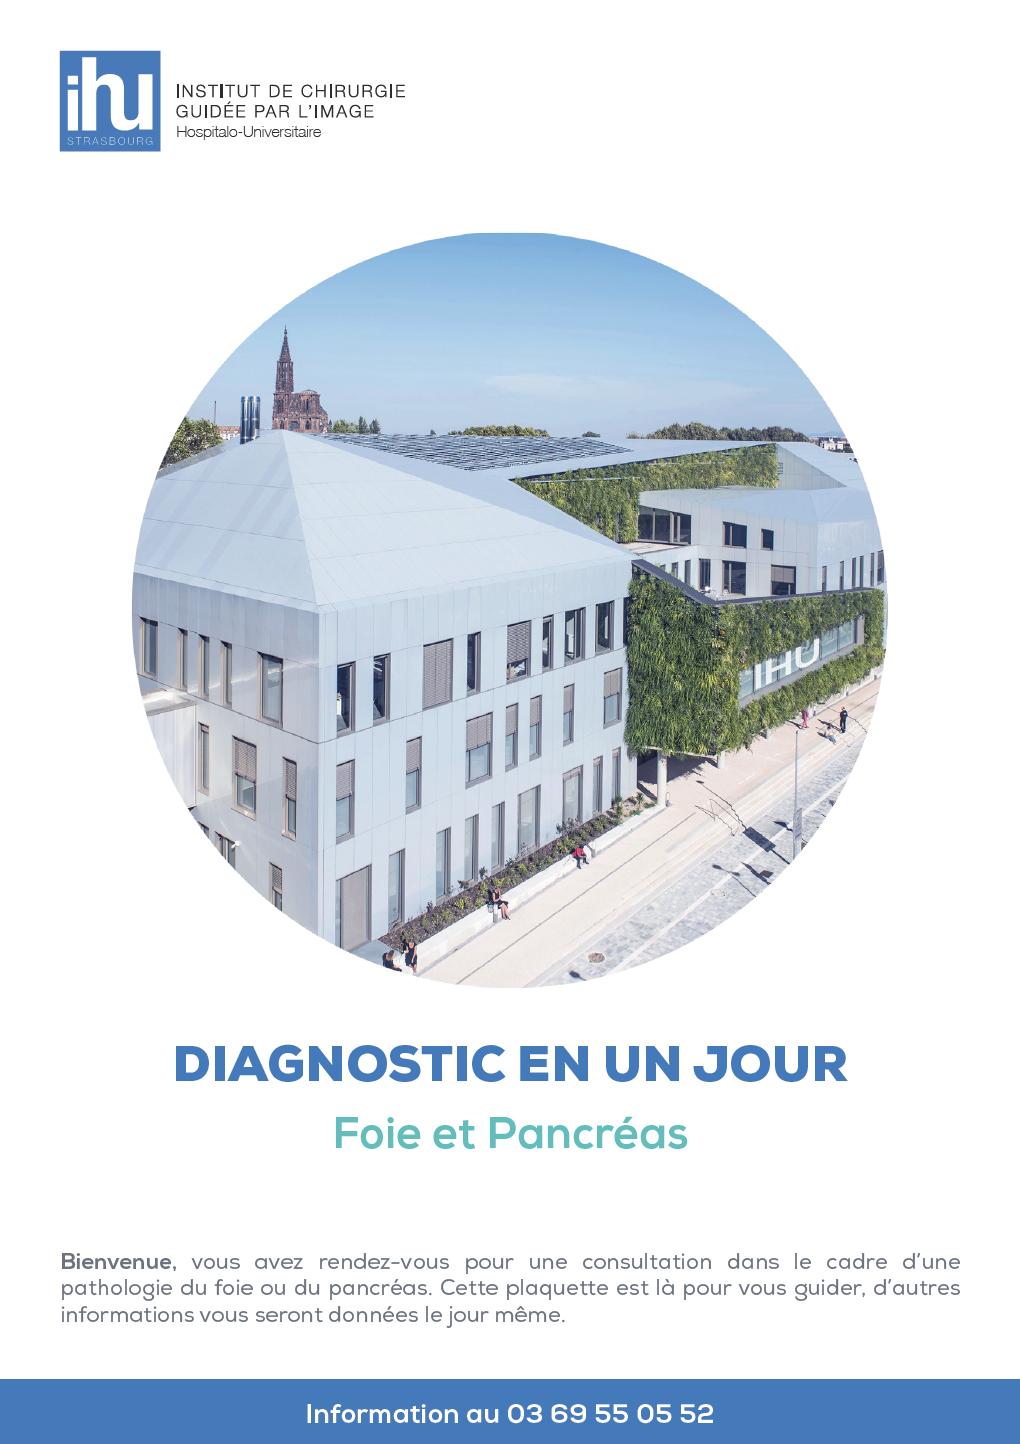 Télécharger la brochure du diagnostic en 1 jour - Foie et Pancréas